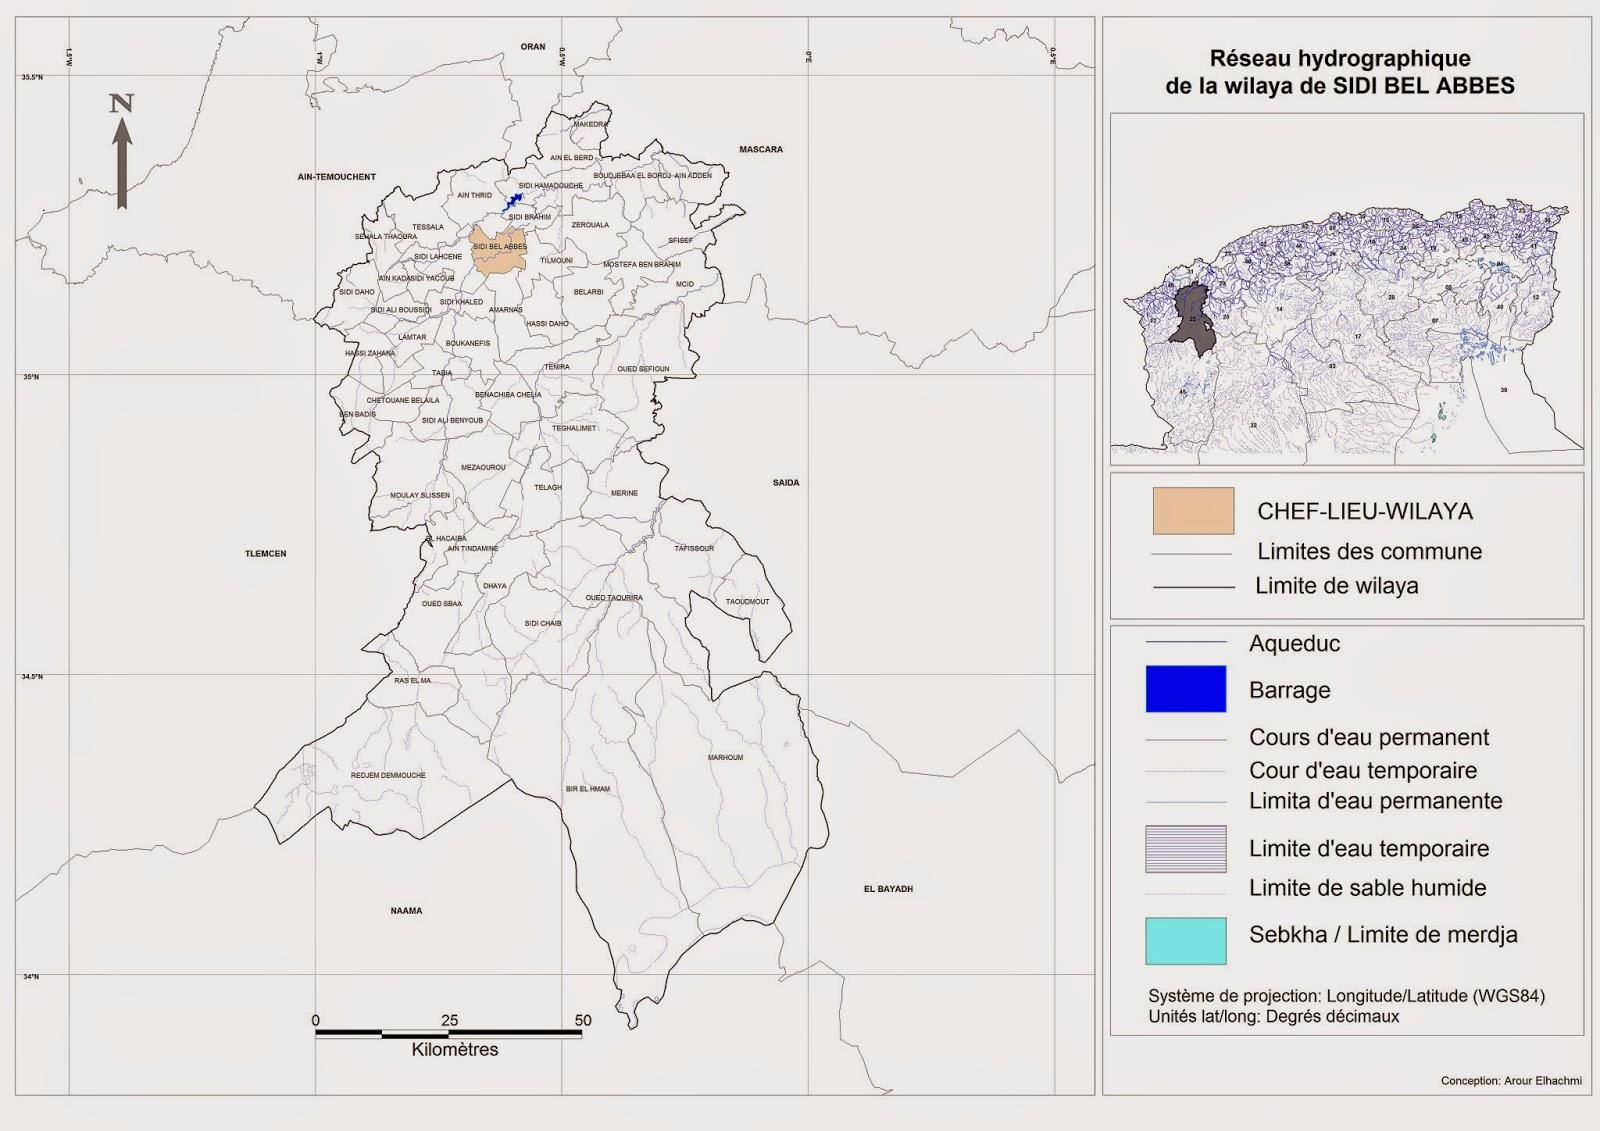 Découpage administratif de l'Algérie & Monographie: Carte du